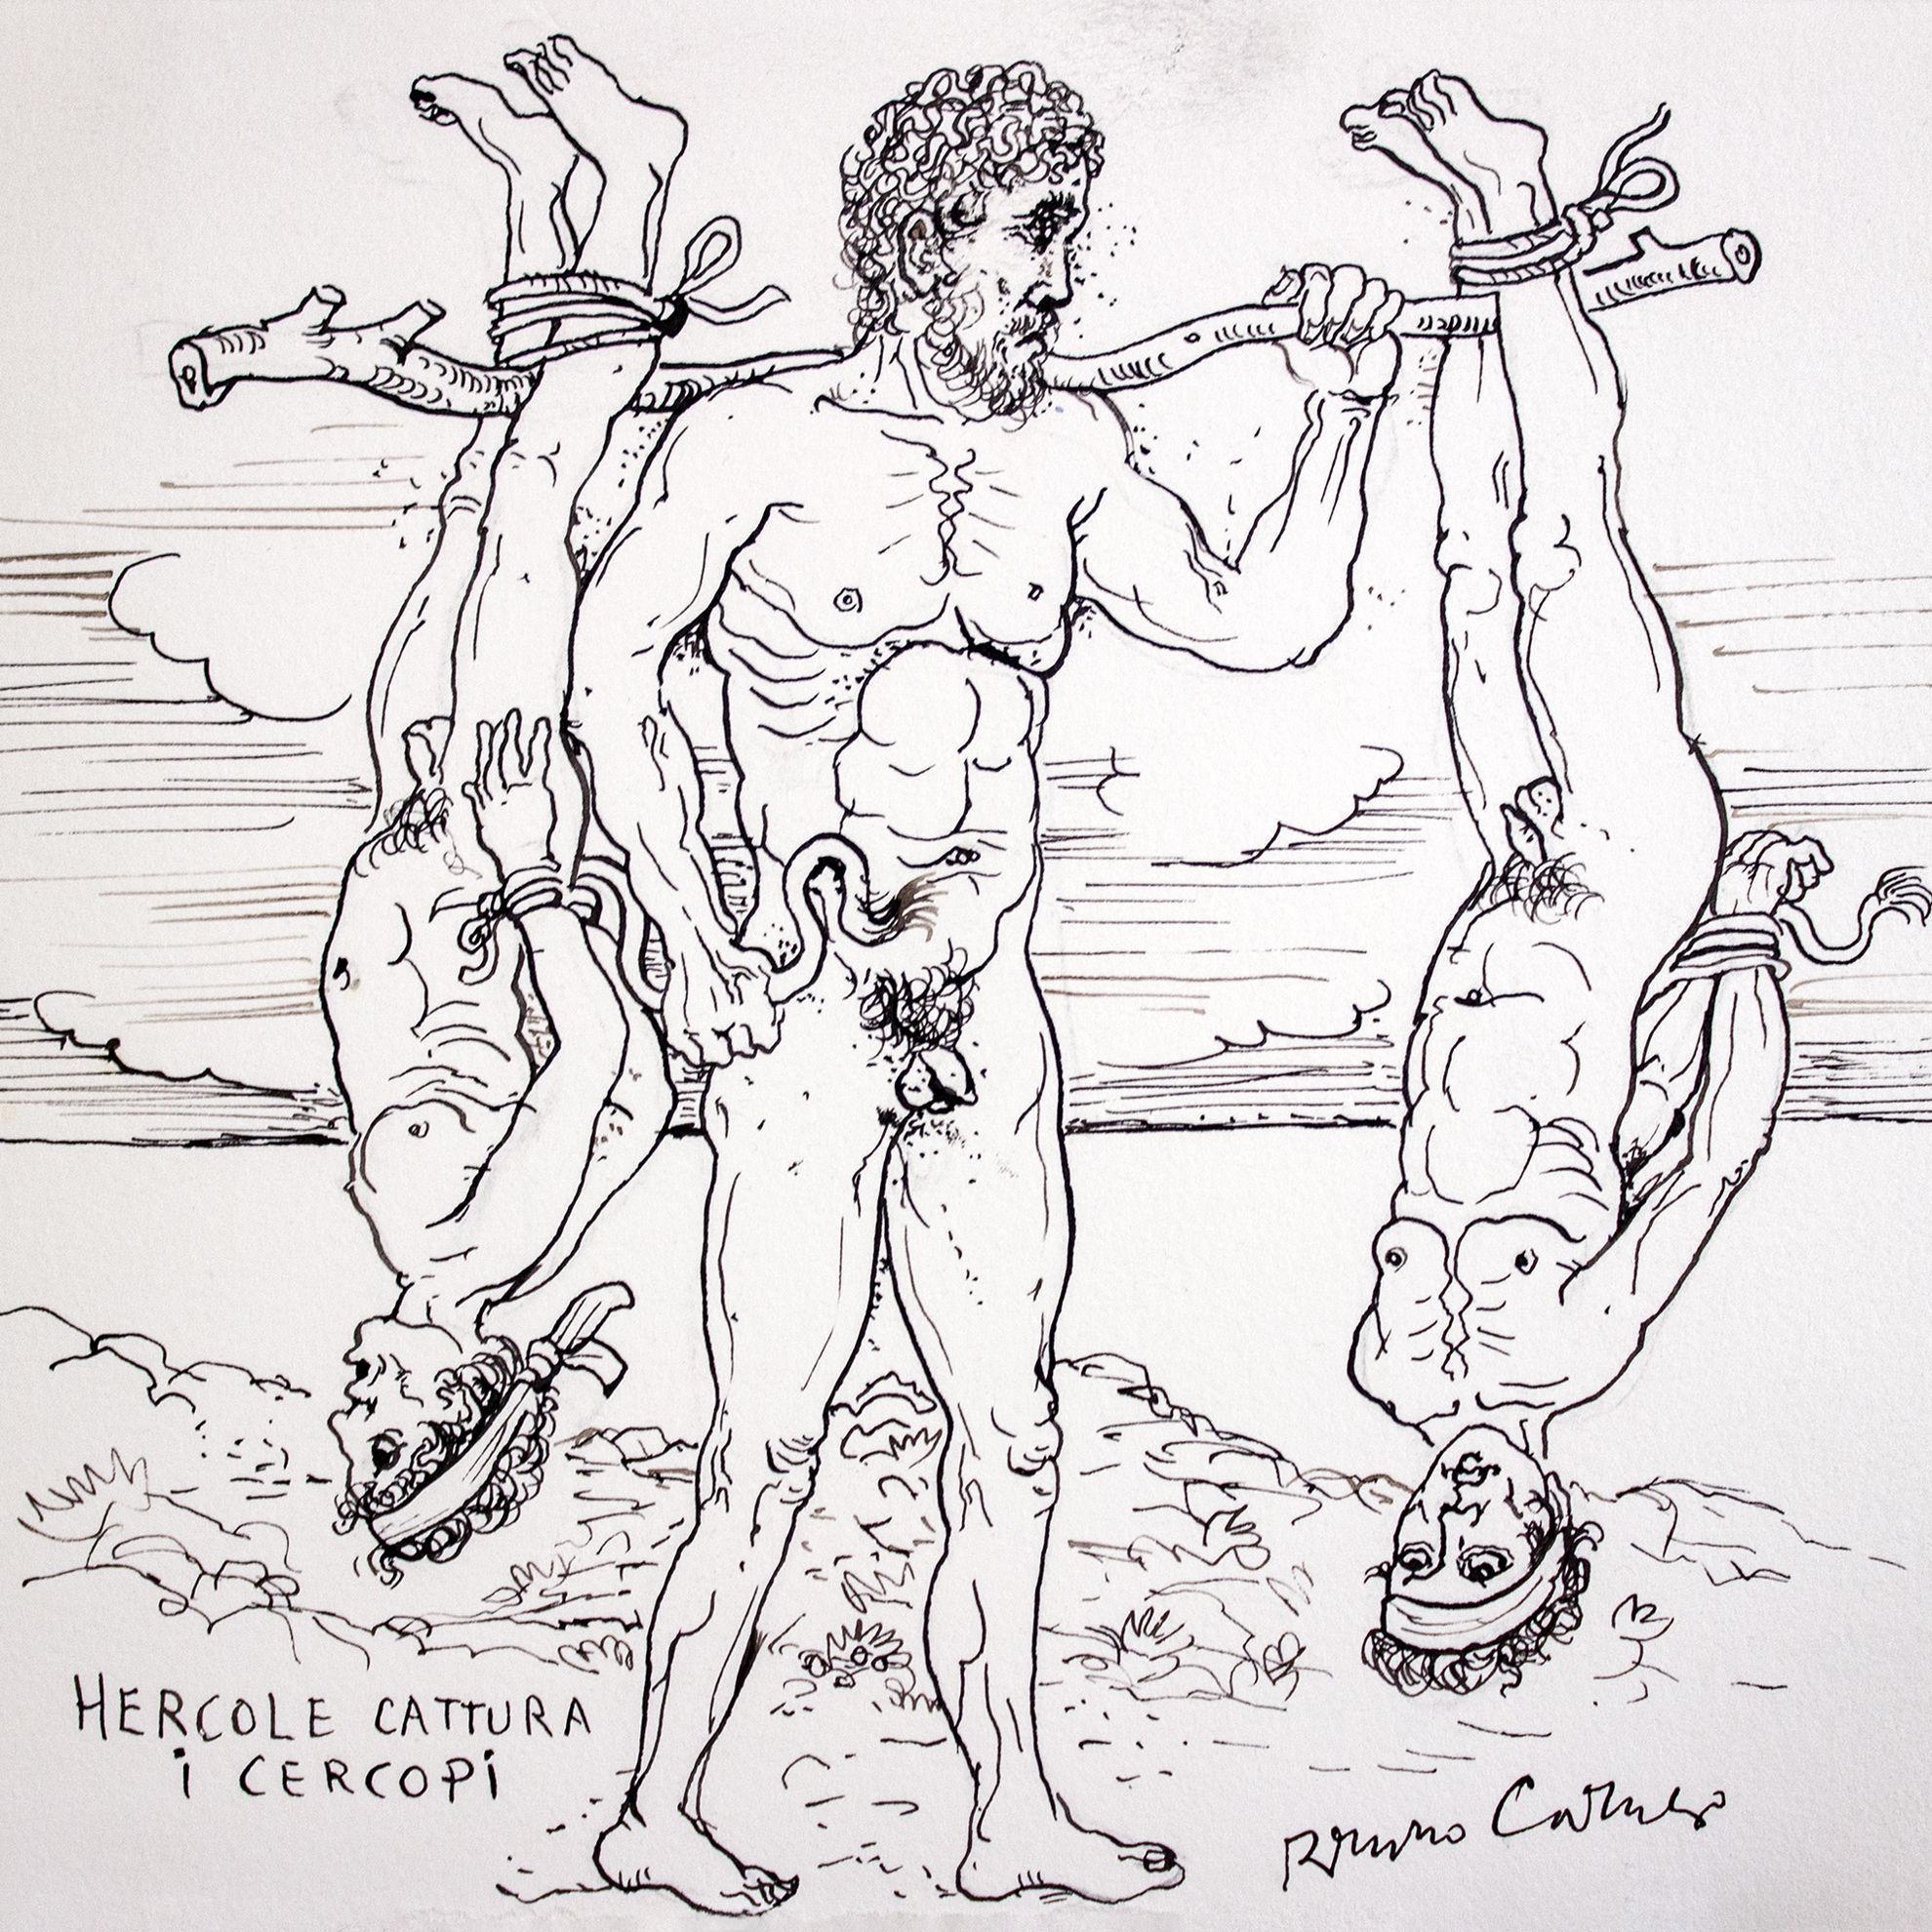 Immagine di Ercole cattura i Cercopi